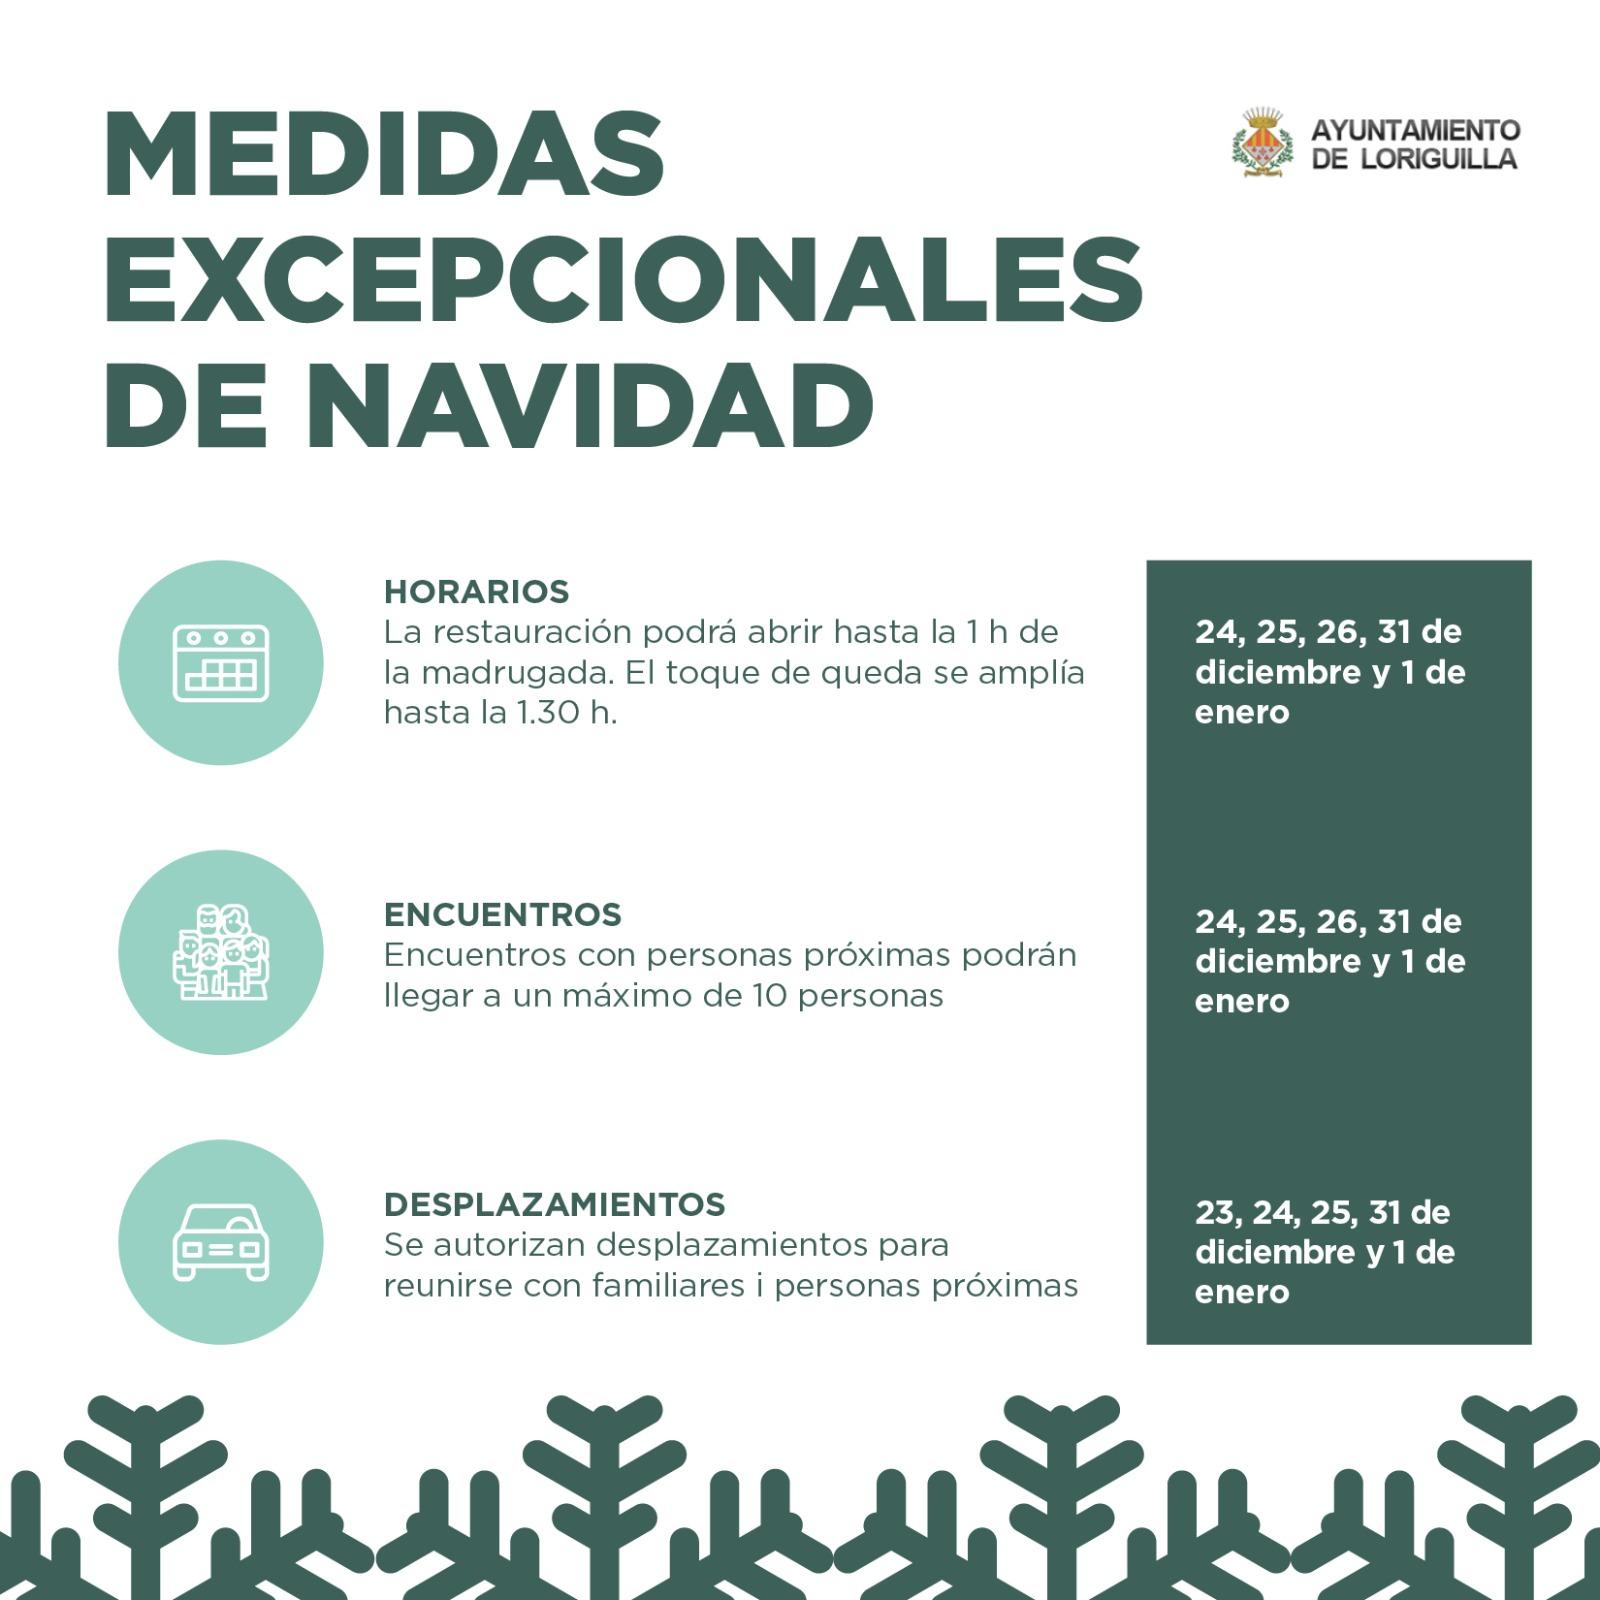 Nuevas medidas y restricciones para la Navidad en la Comunidad Valenciana